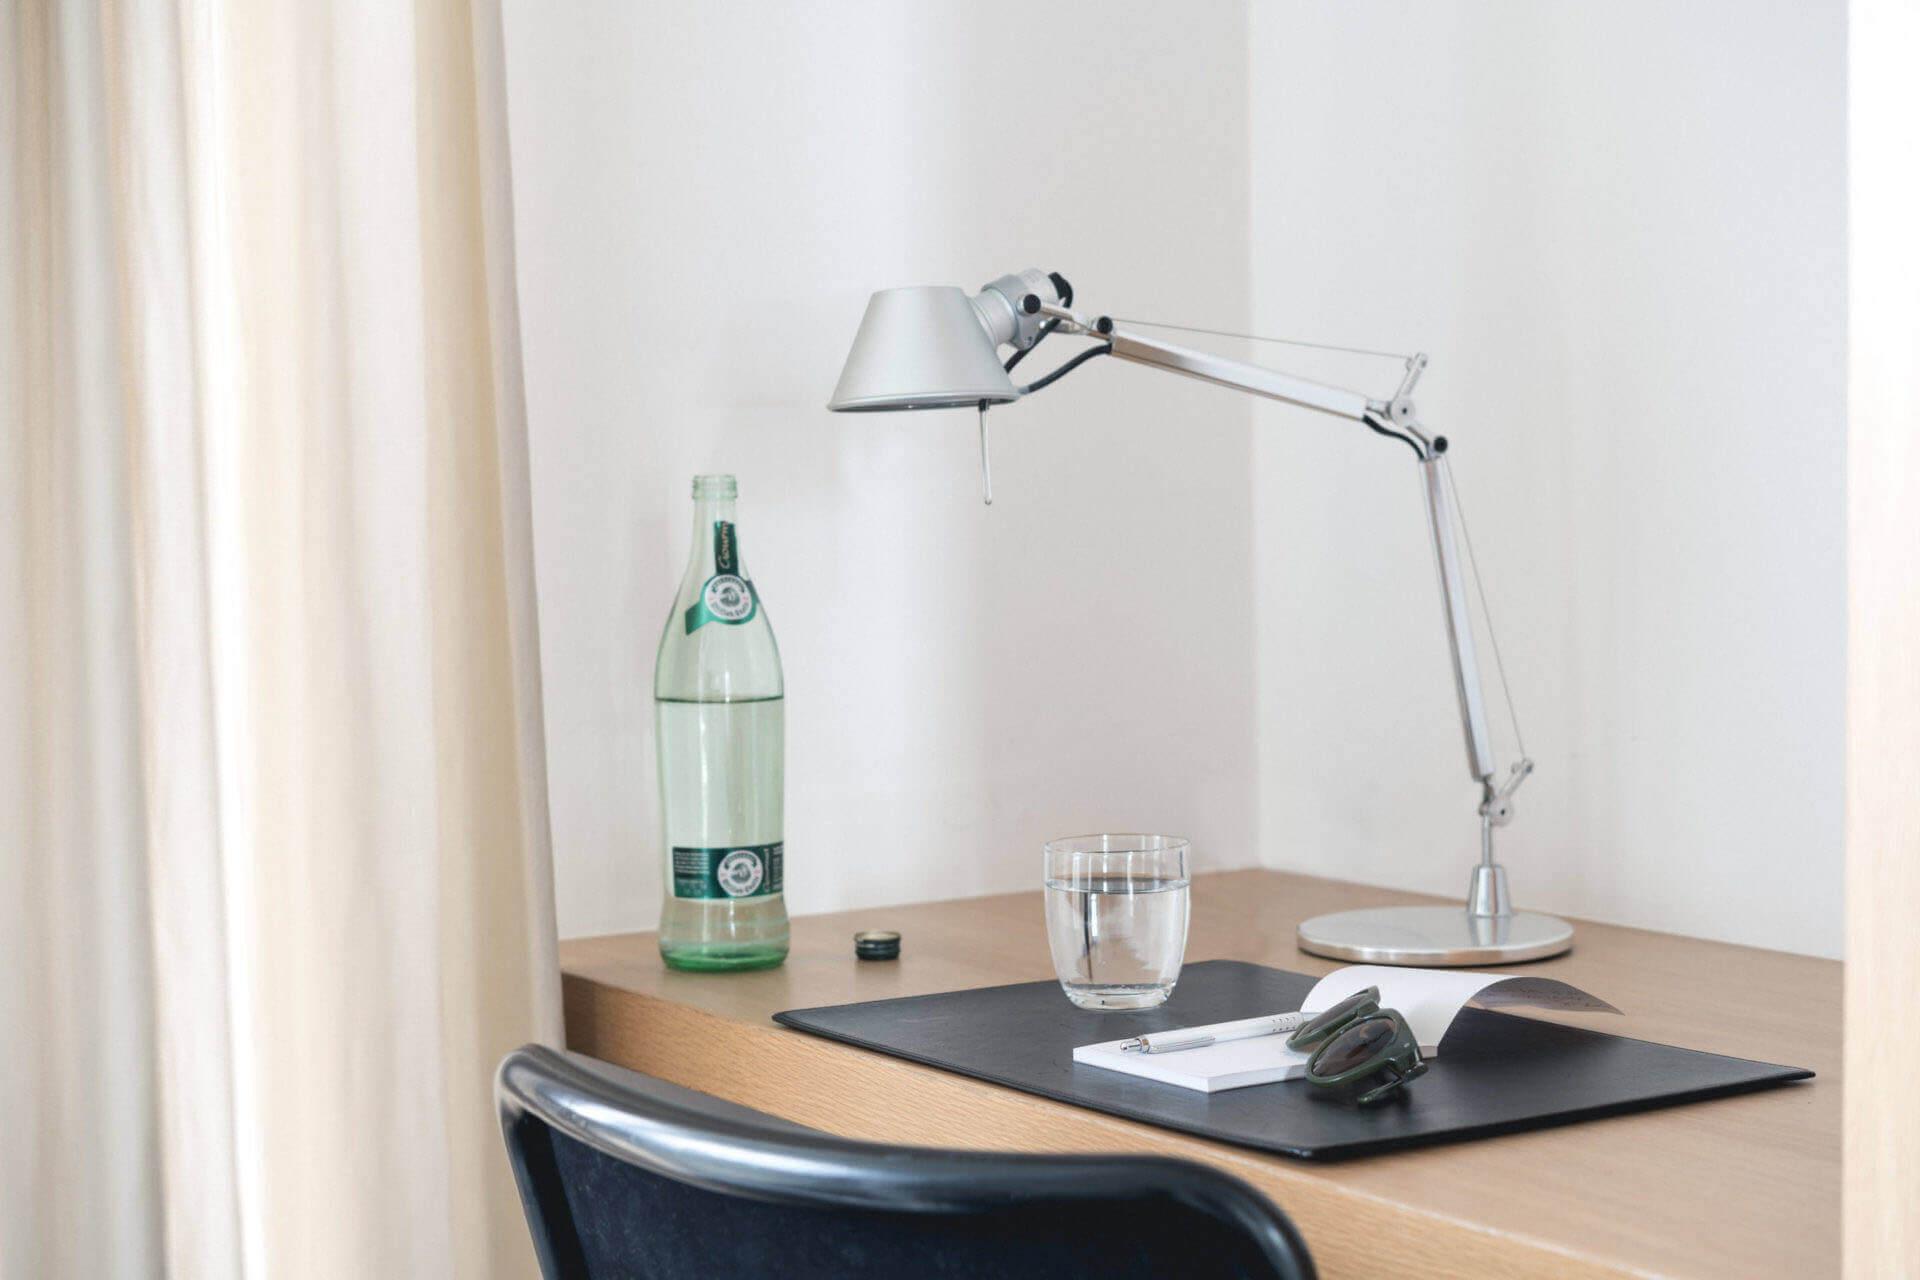 Buchinger Wilhelmi, Fasten, Heilfasten, Fasting, Health, Integrative Medicine, Standard Plus Zimmer, Schreibtisch, Desk, Standard Plus Room